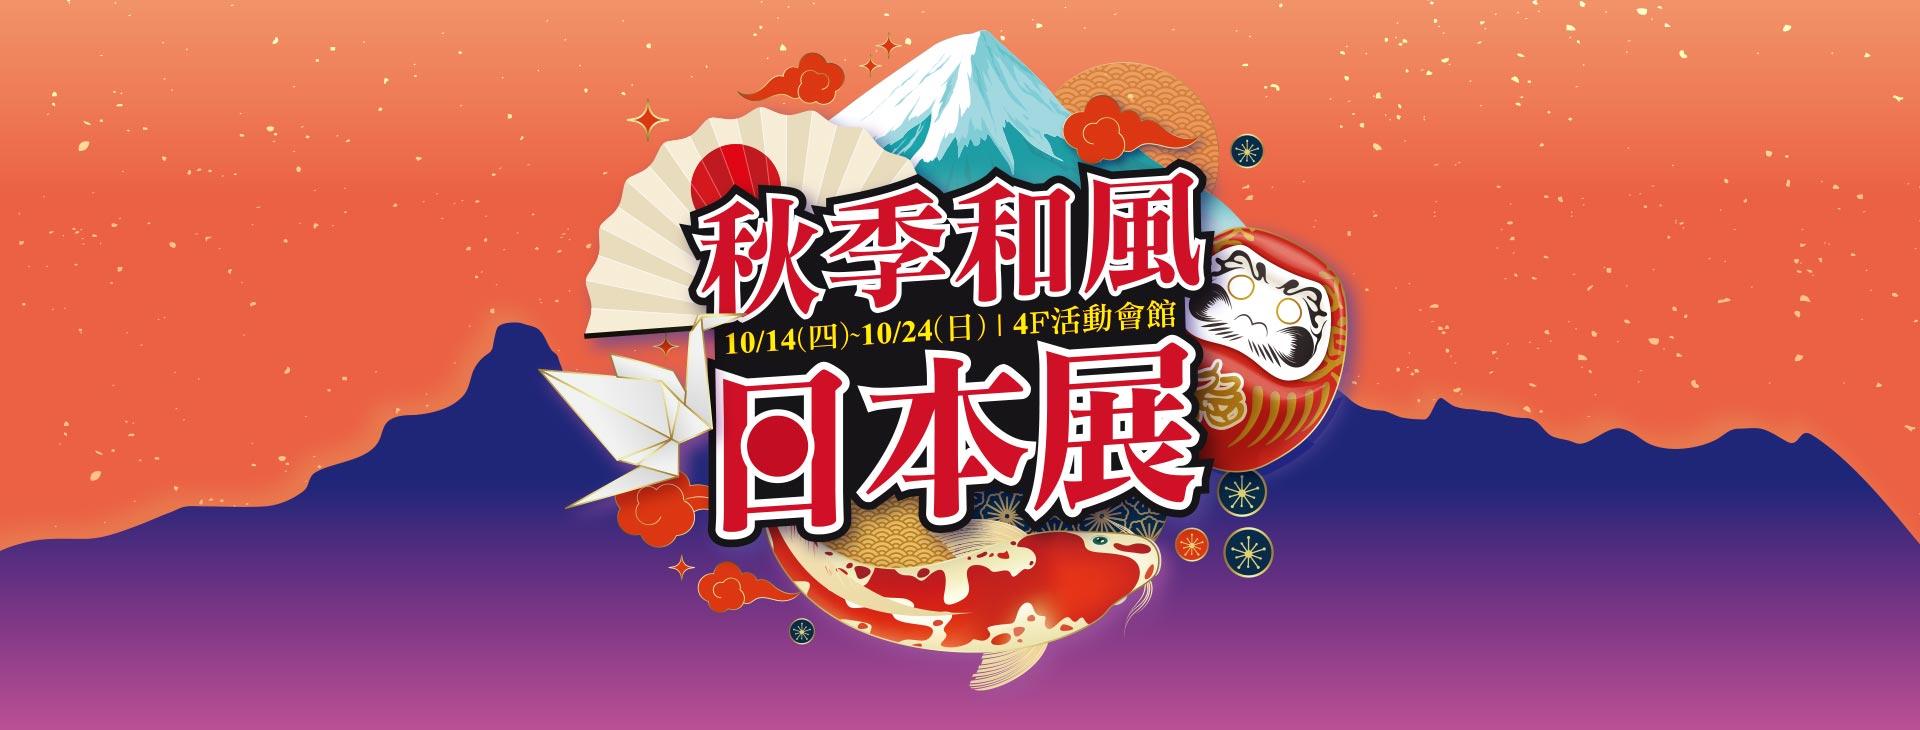 秋季和風日本展